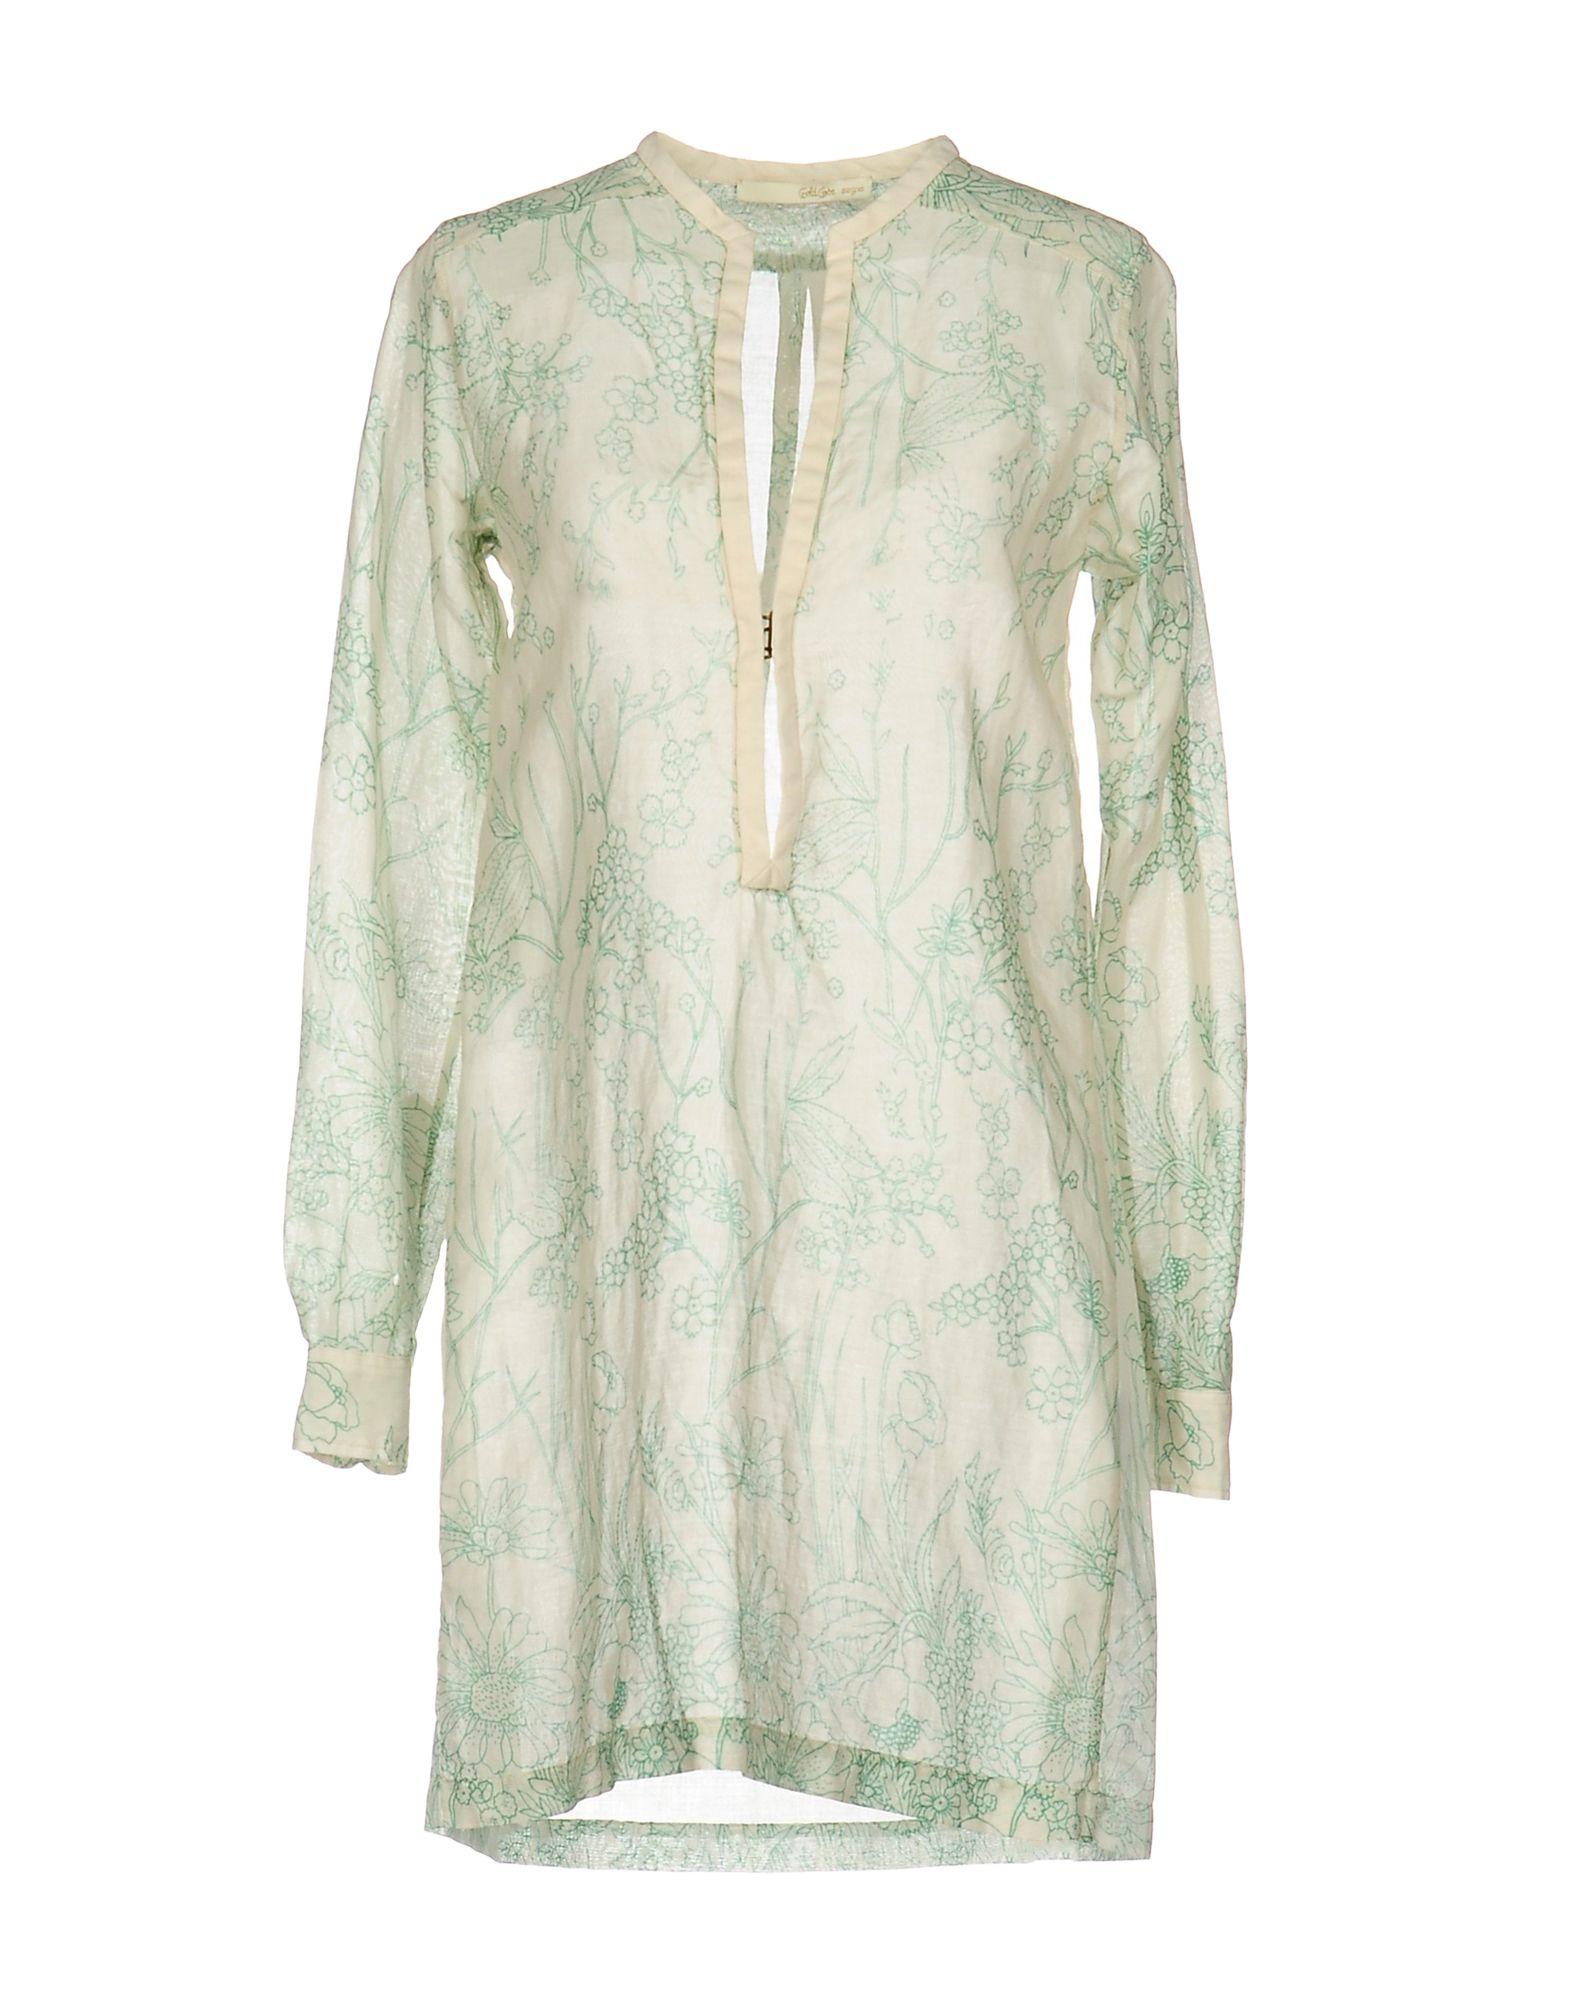 где купить GOLD CASE SOGNO Блузка по лучшей цене